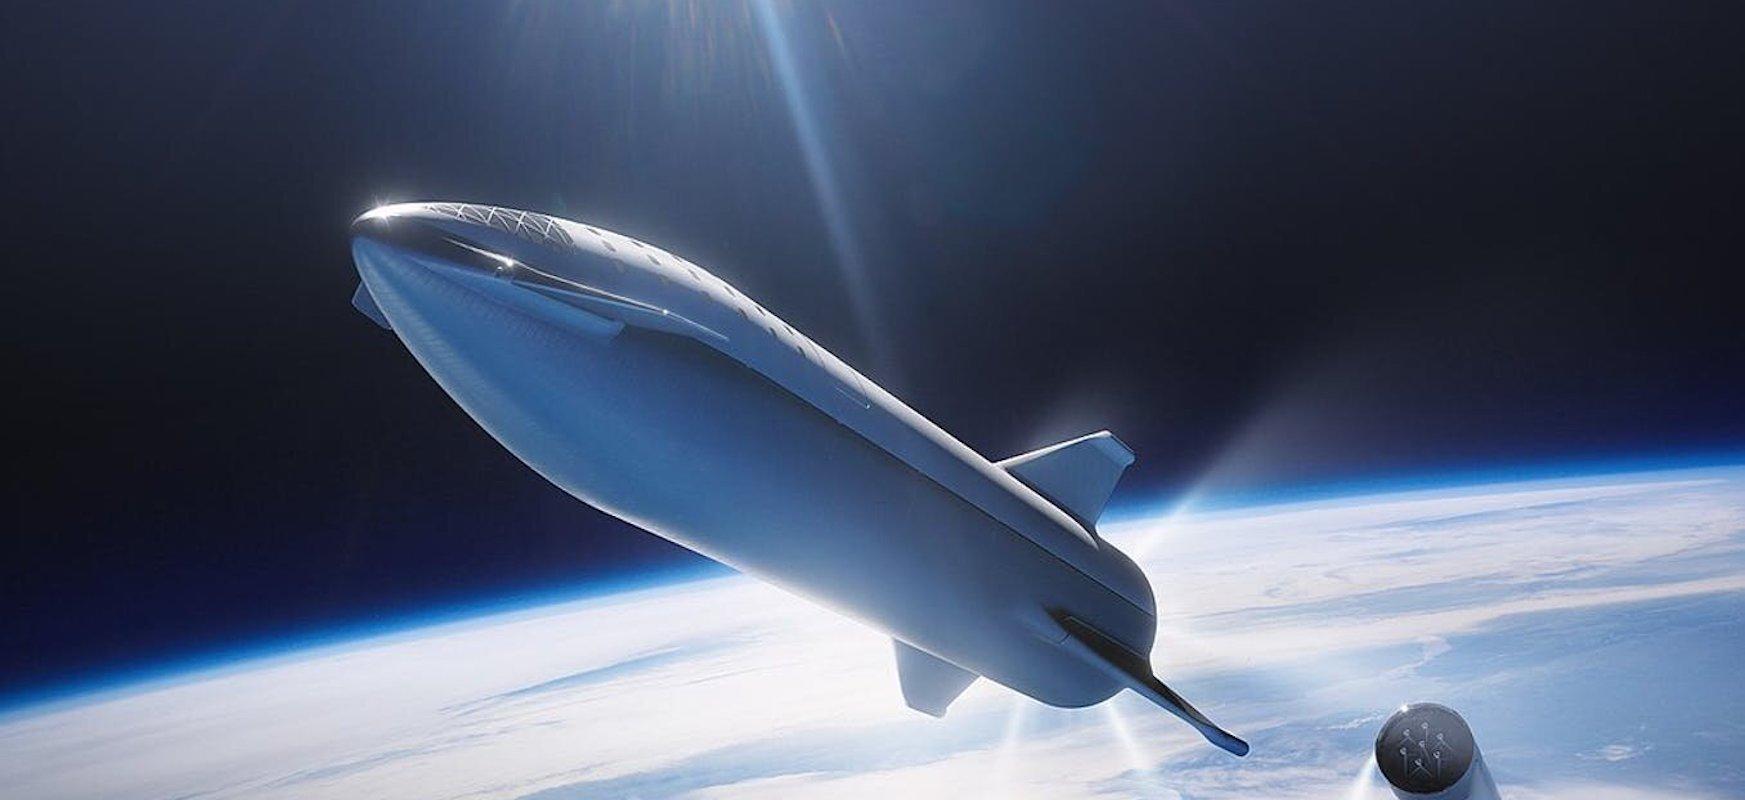 Leherketa?  Berdin dio.  SpaceX-ek Starship orbitara bidali nahi du aurten beranduago